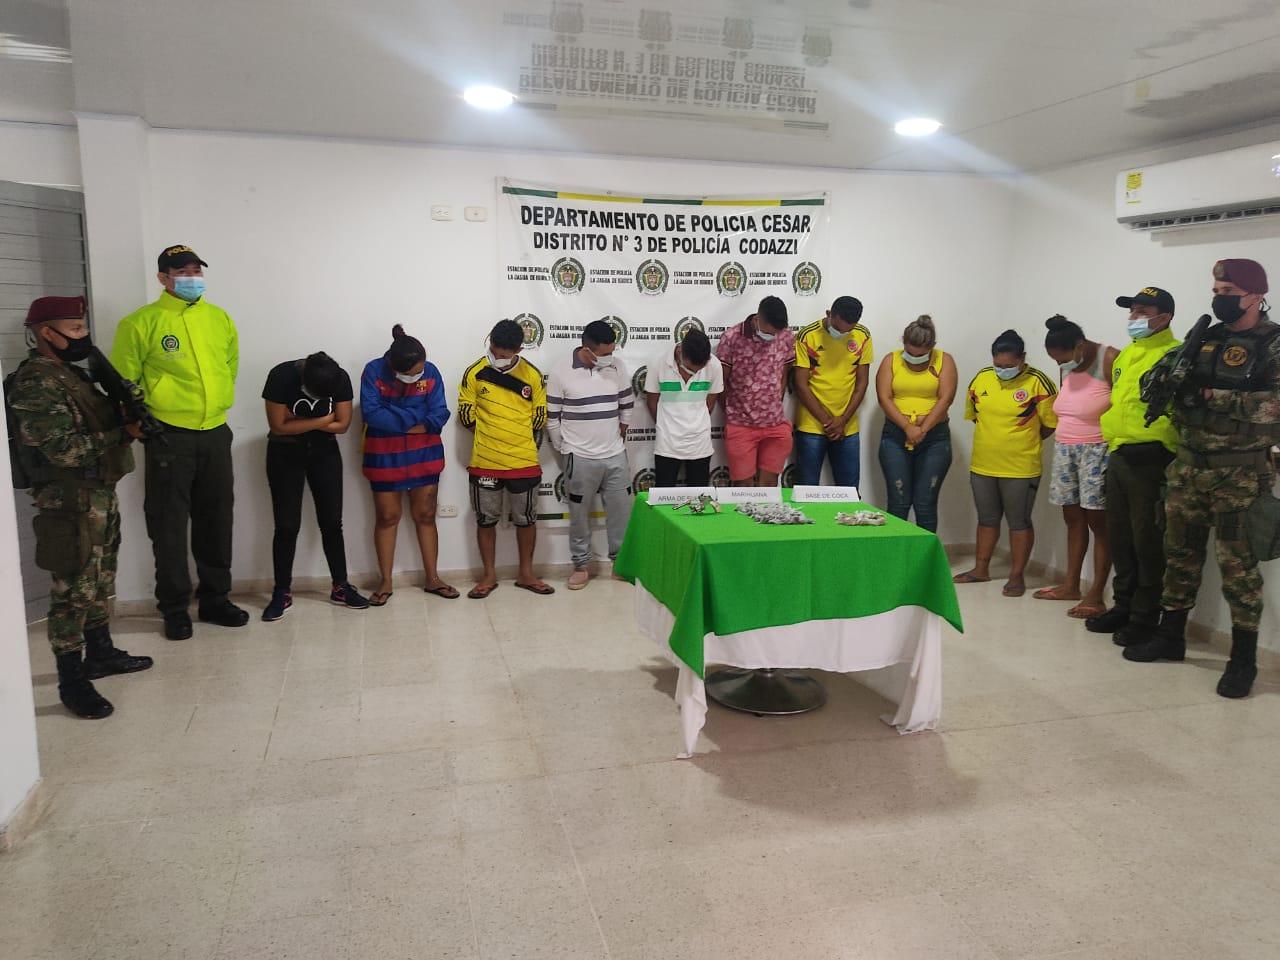 hoyennoticia.com, Desarticulados 'Los Iguanos' de La Jagua de Ibirico